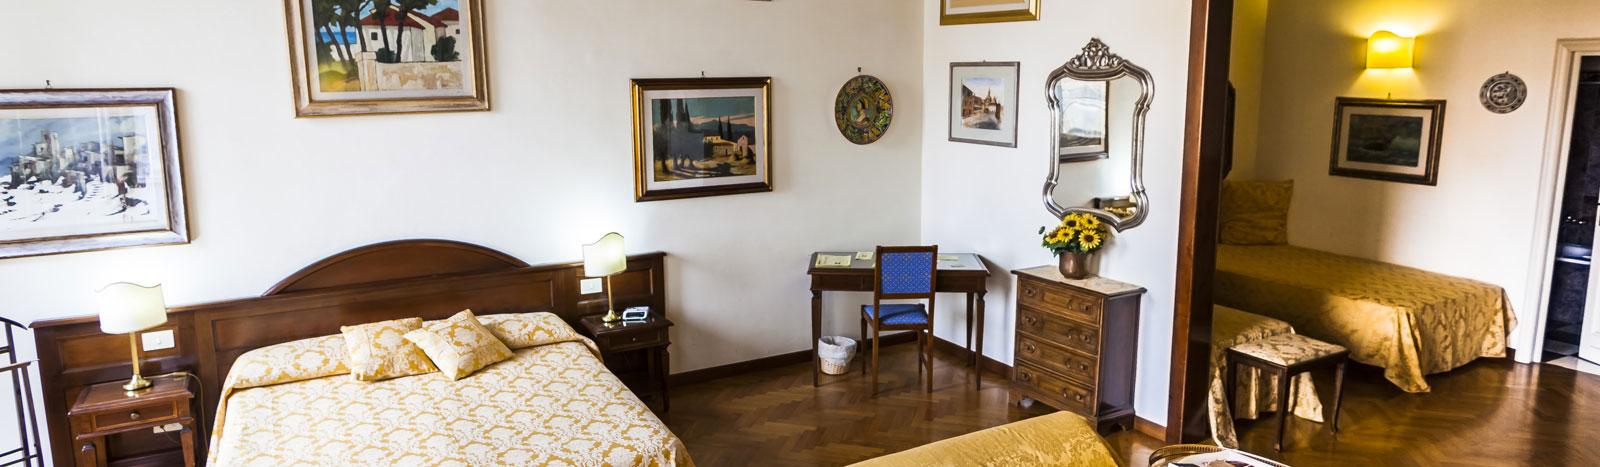 Offerte - Soggiorno Antica Torre - Suites in Piazza della ...